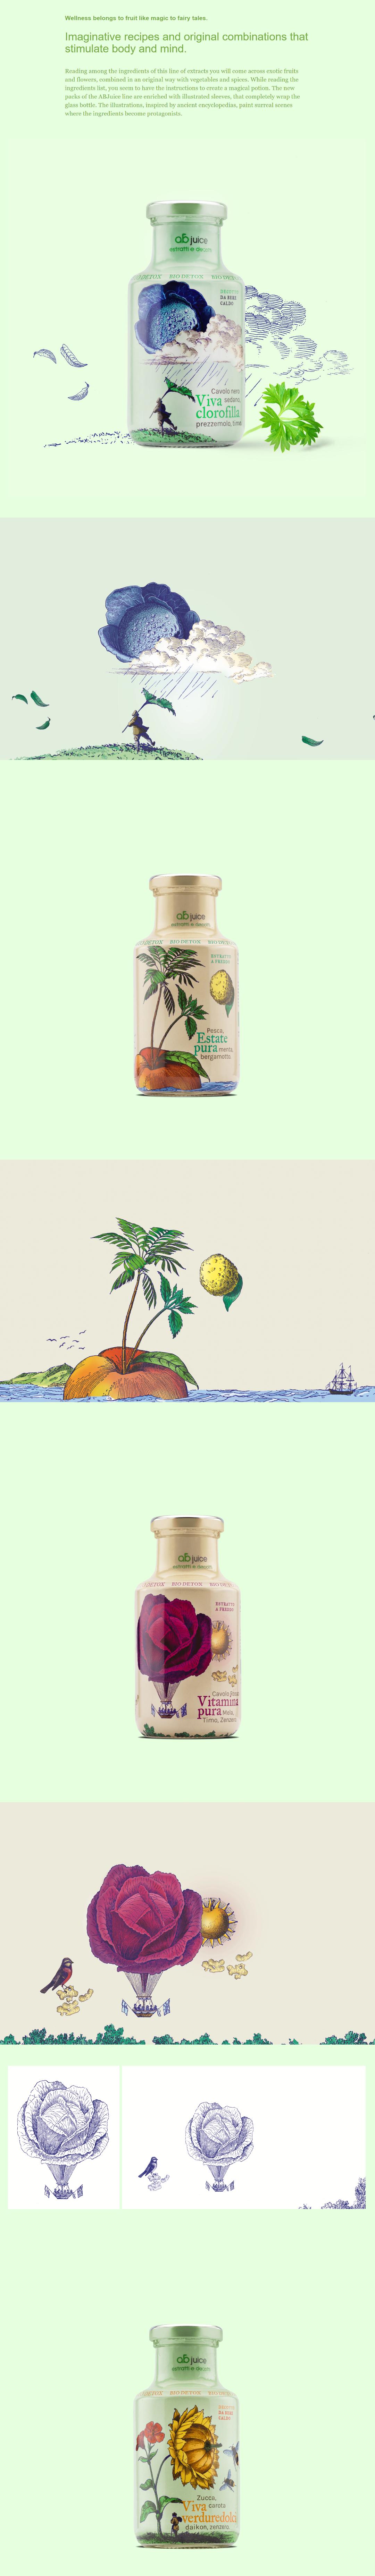 Illustration,Packaging